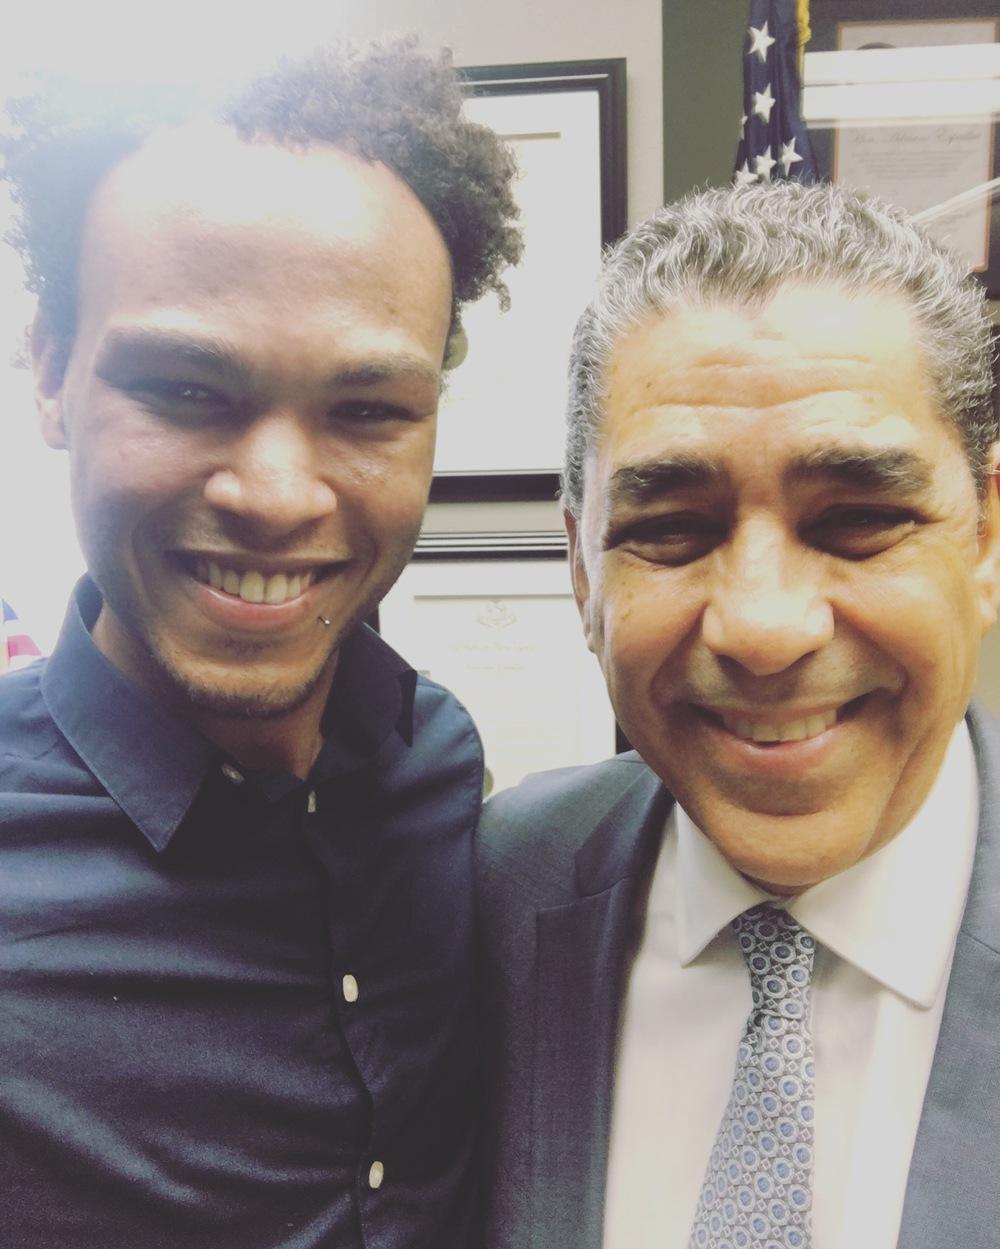 L. Blake Harvey and NY Senator Adriano Espaillat